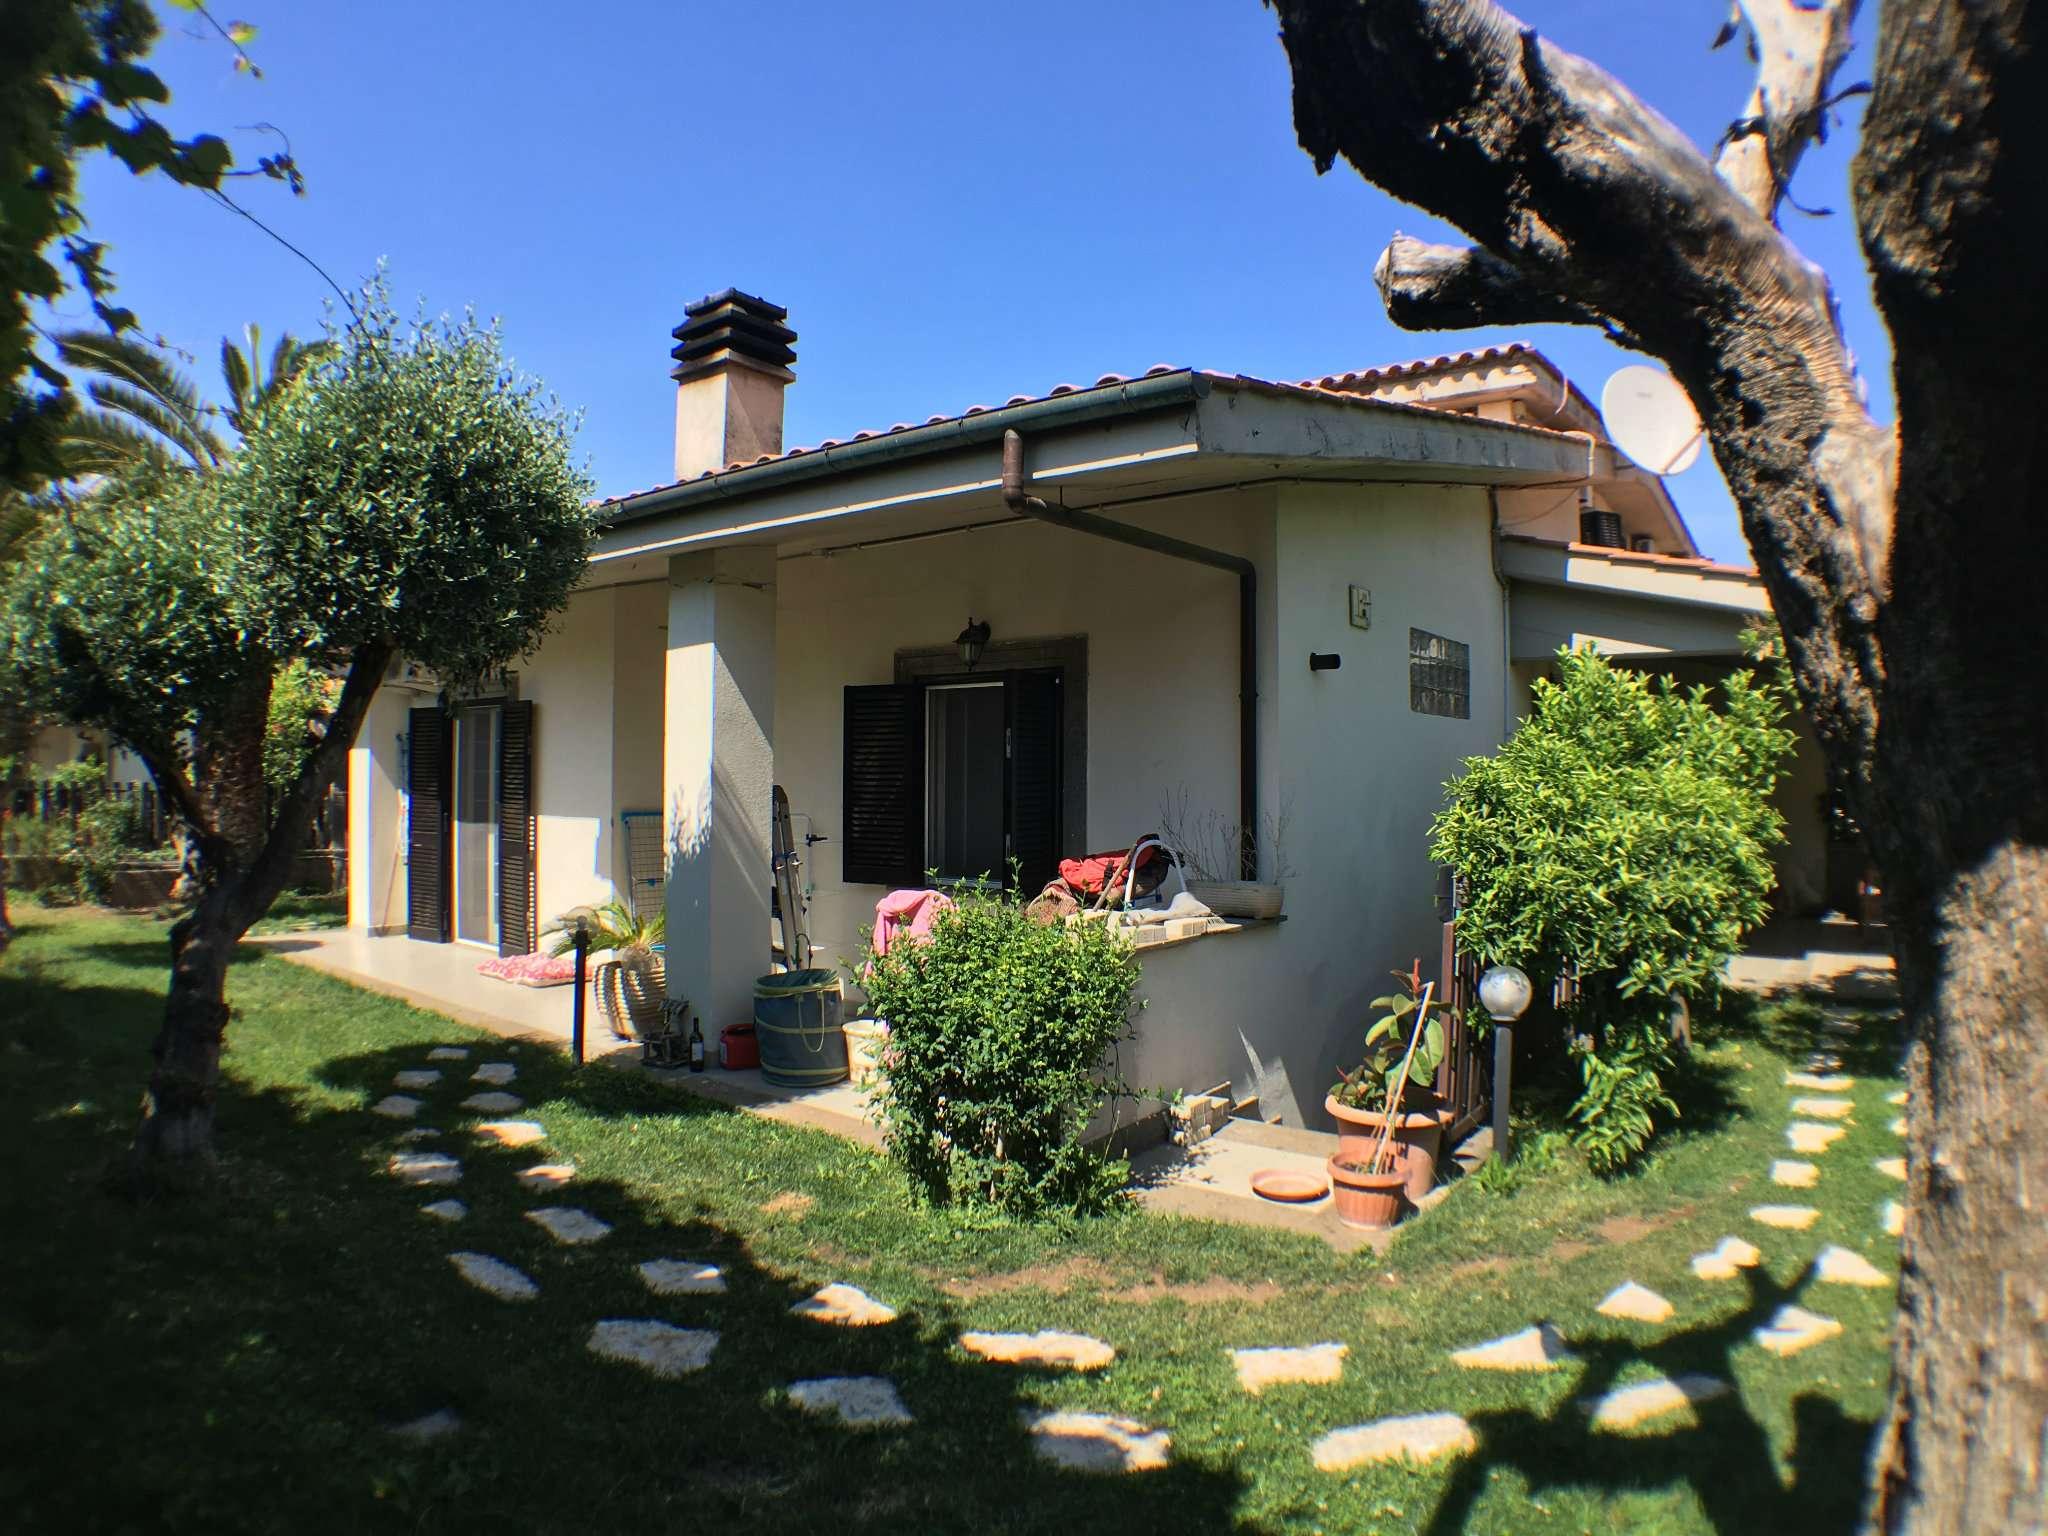 Soluzione Indipendente in vendita a Ciampino, 6 locali, prezzo € 489.000 | Cambio Casa.it